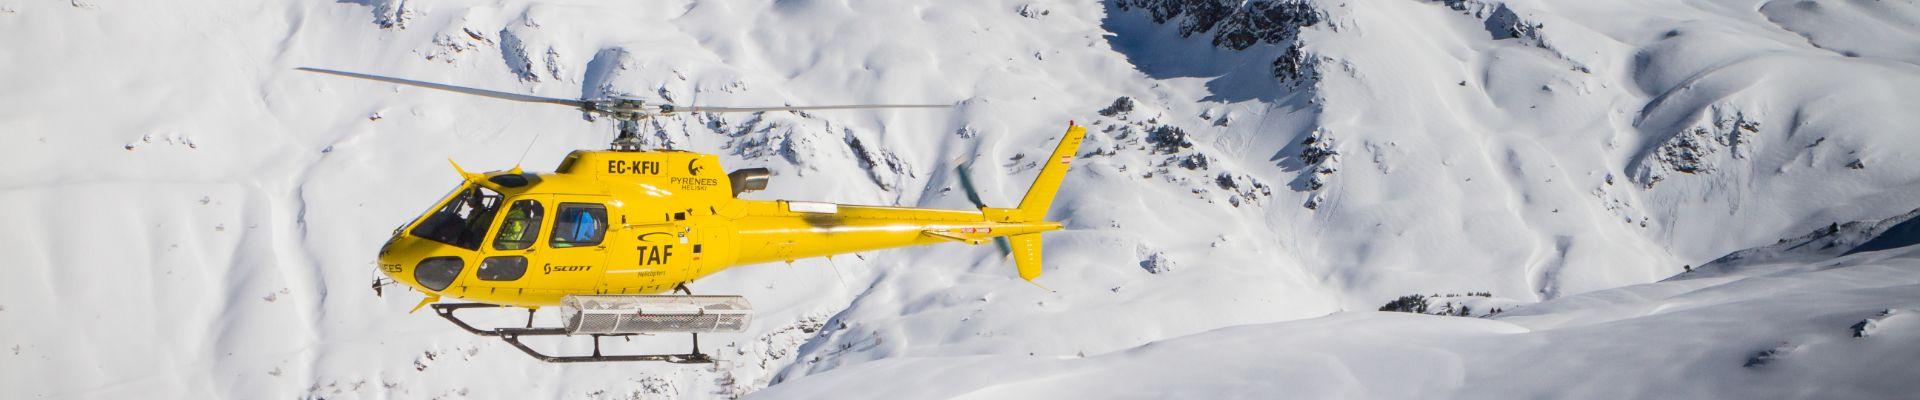 heliski-baqueira-helicoptero-esquiar